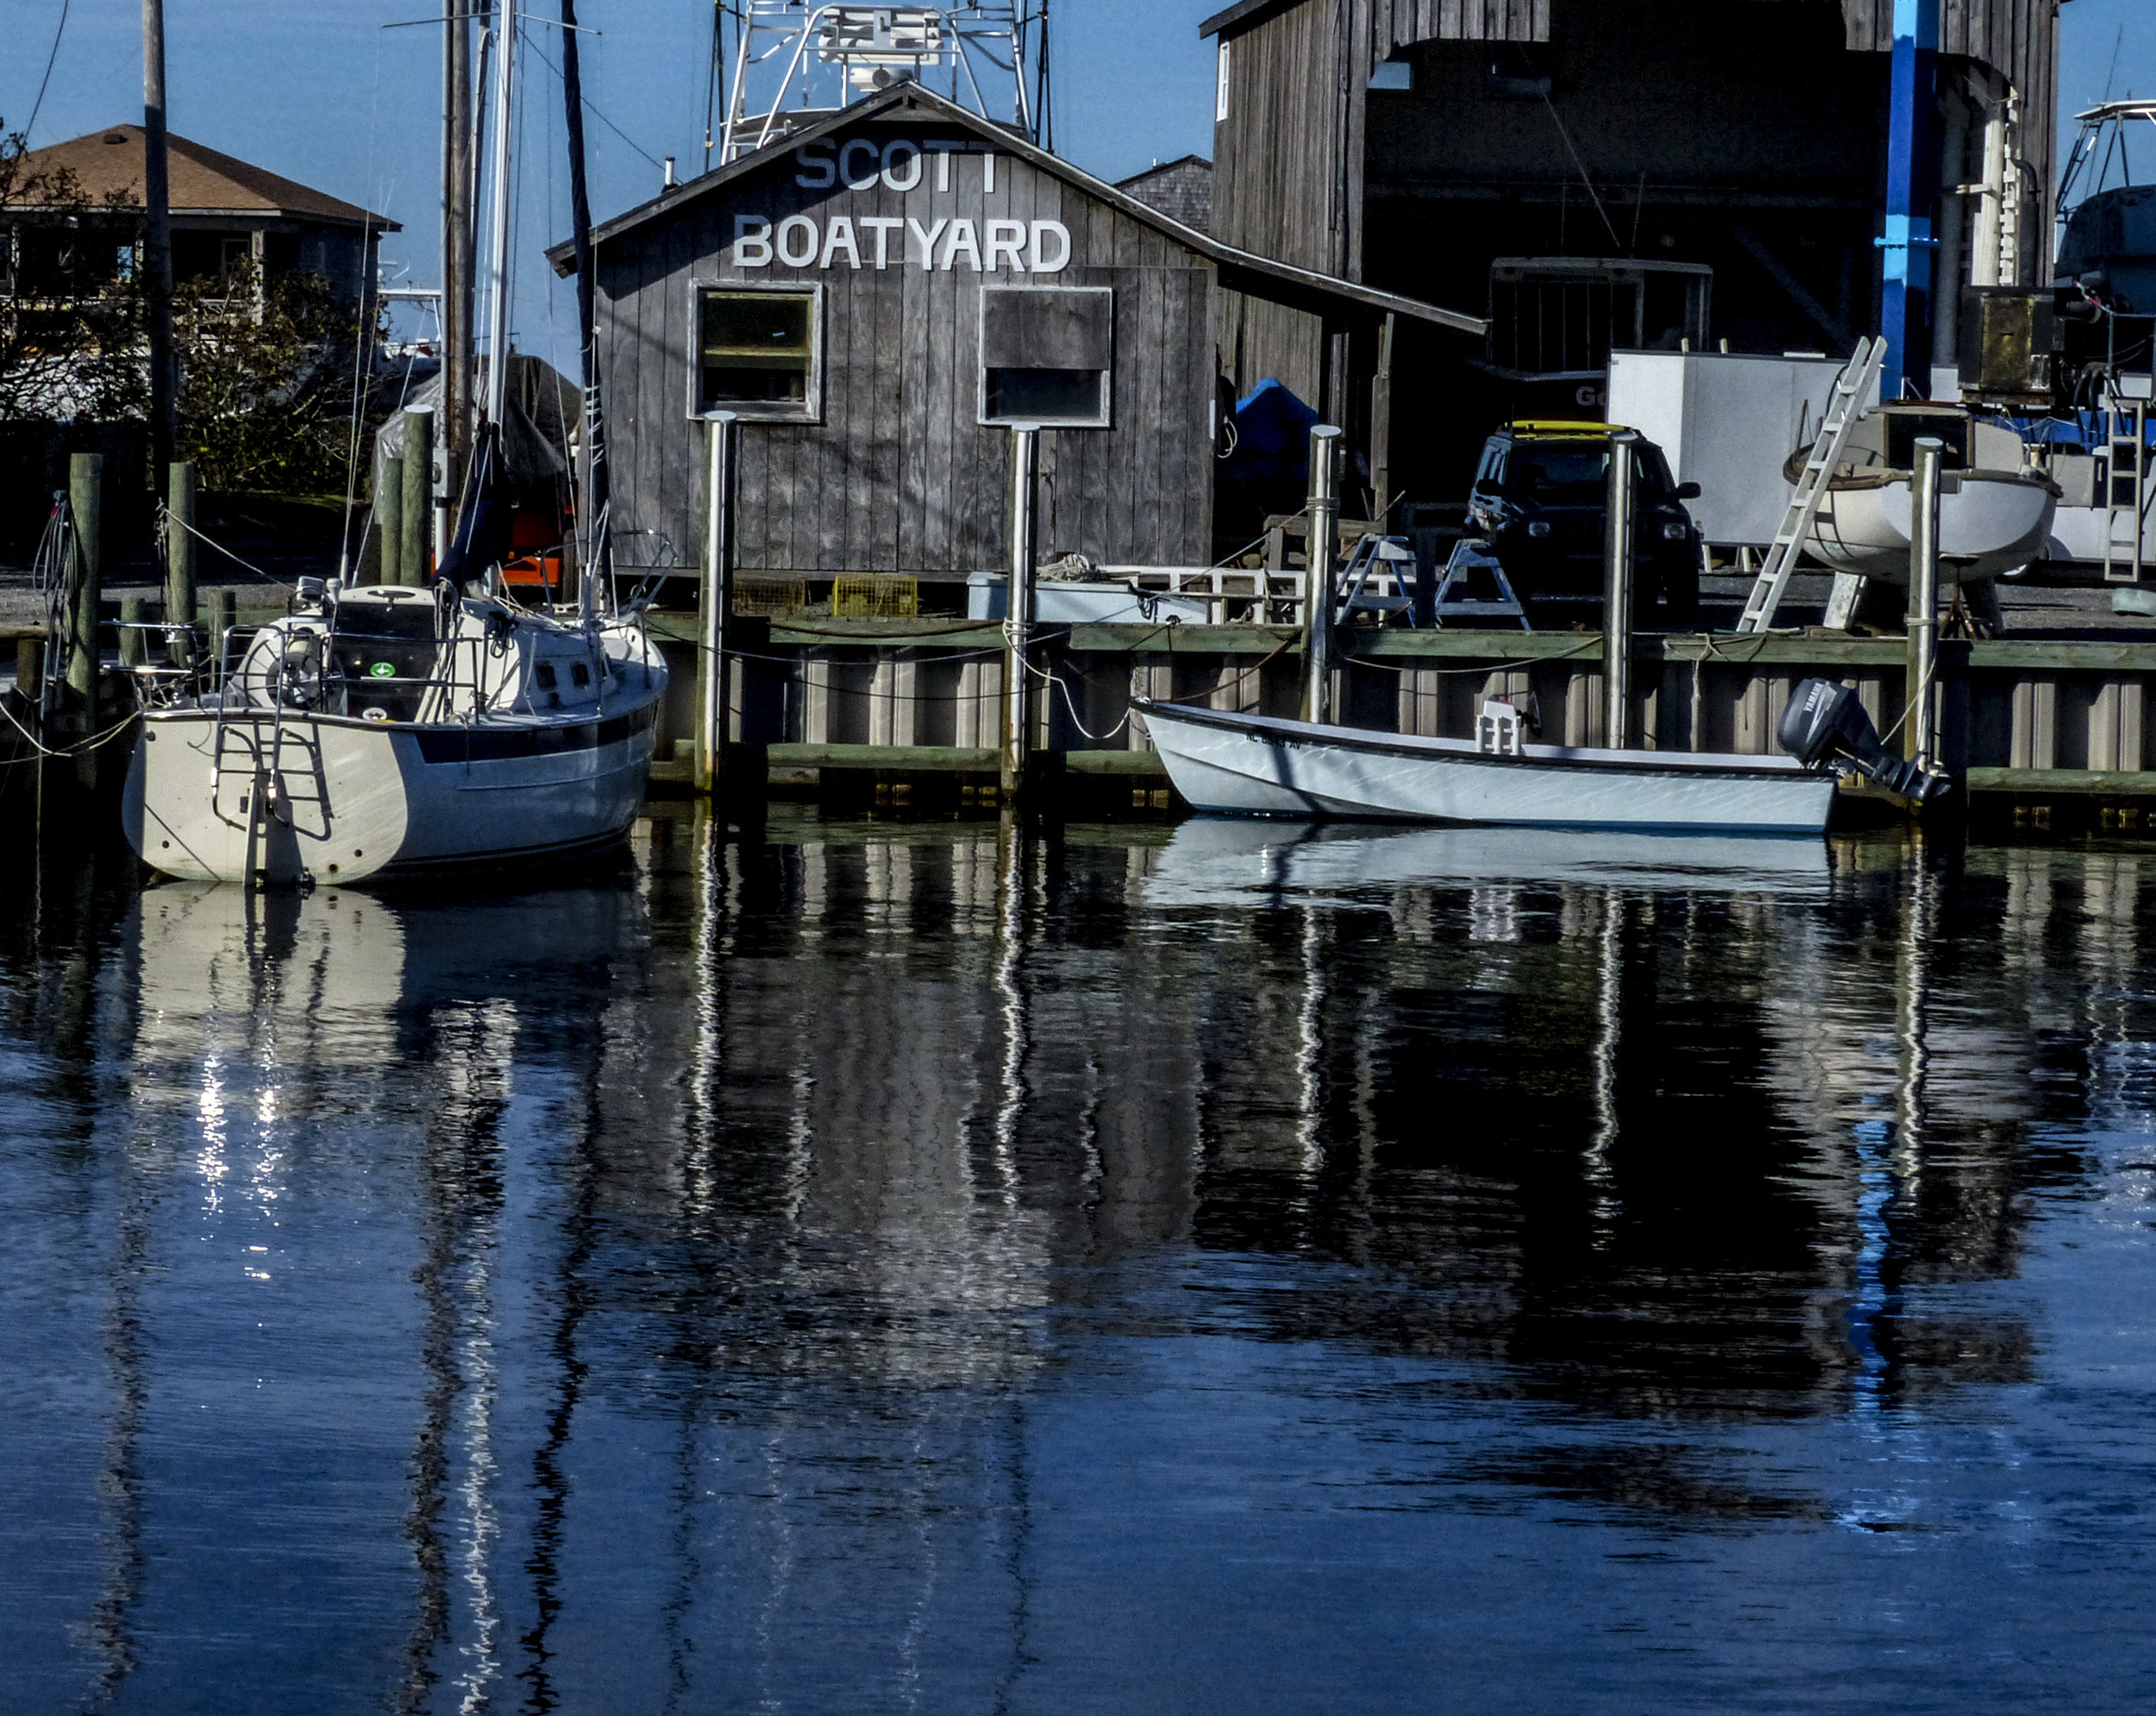 Scott's Boatyard